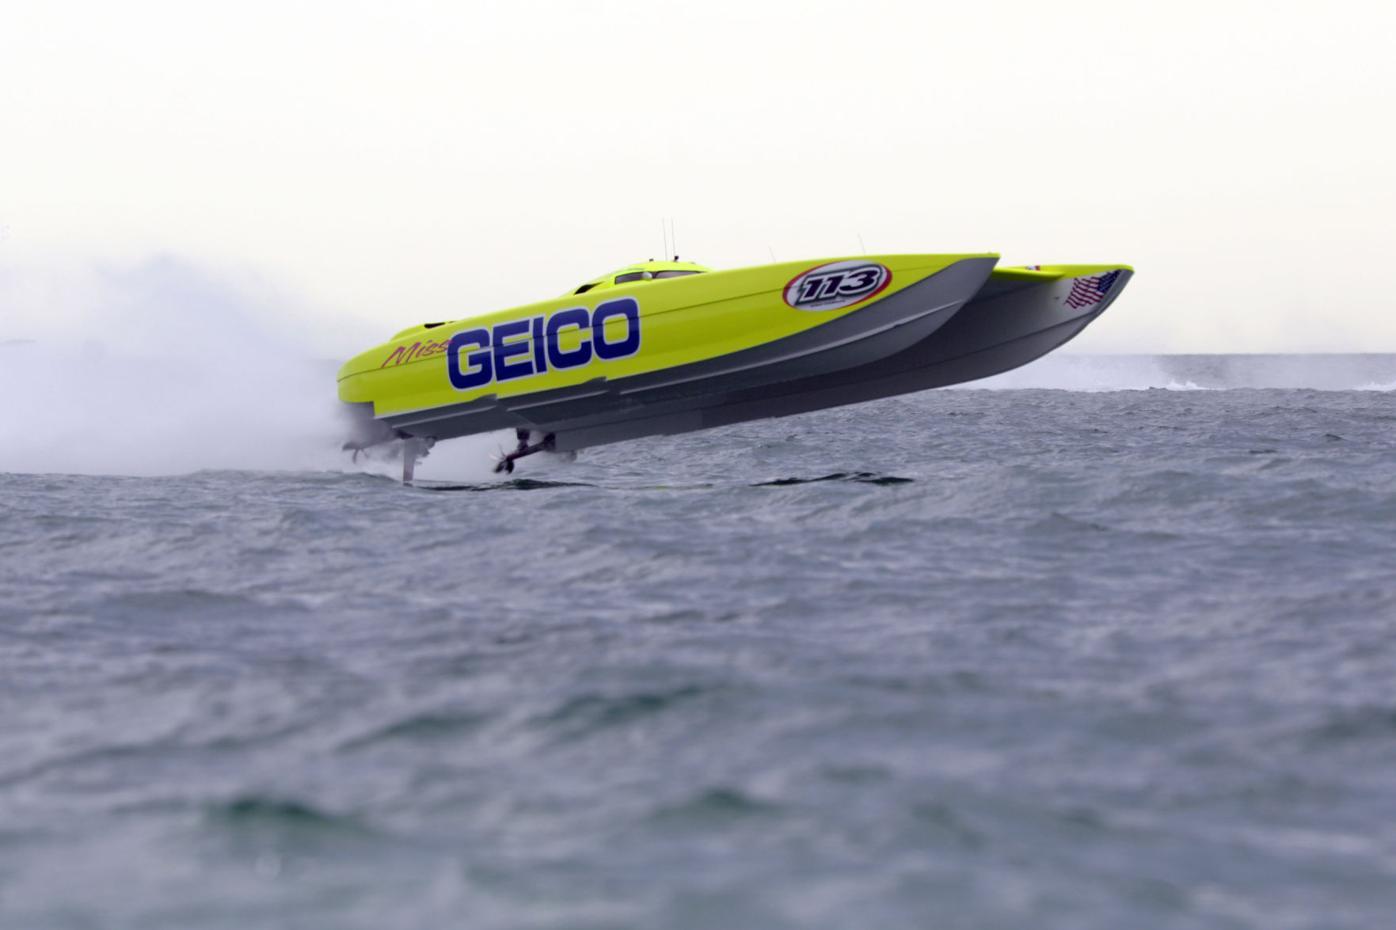 Waterfest boat racing